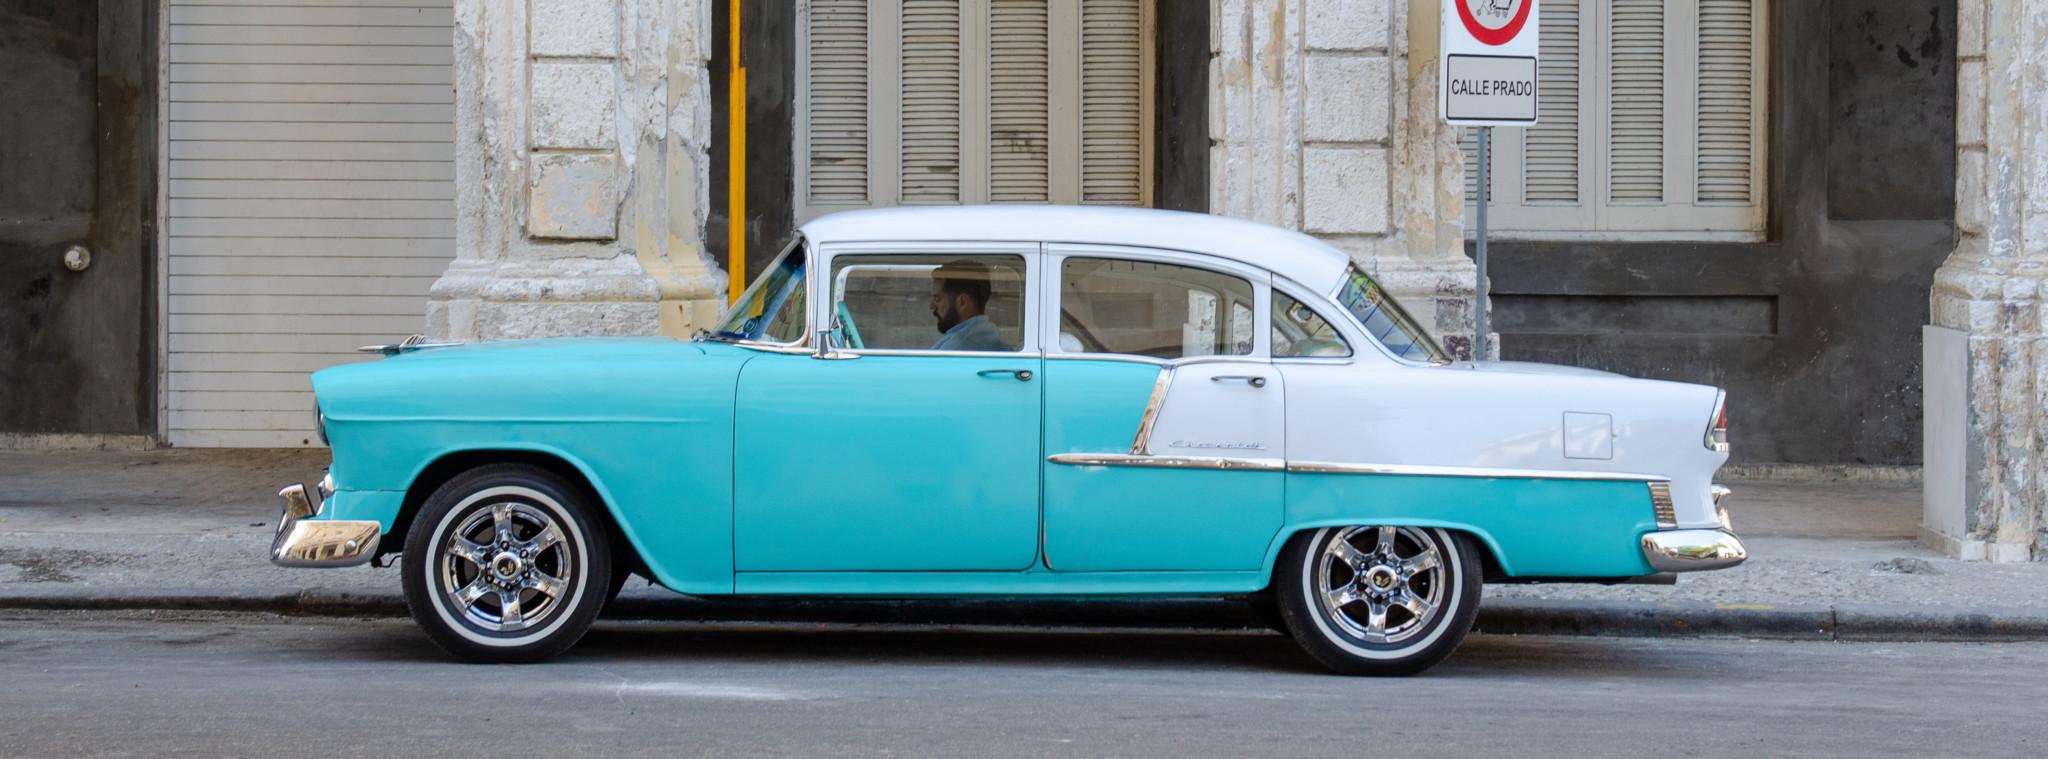 Oldtimer in Havanna Cuba